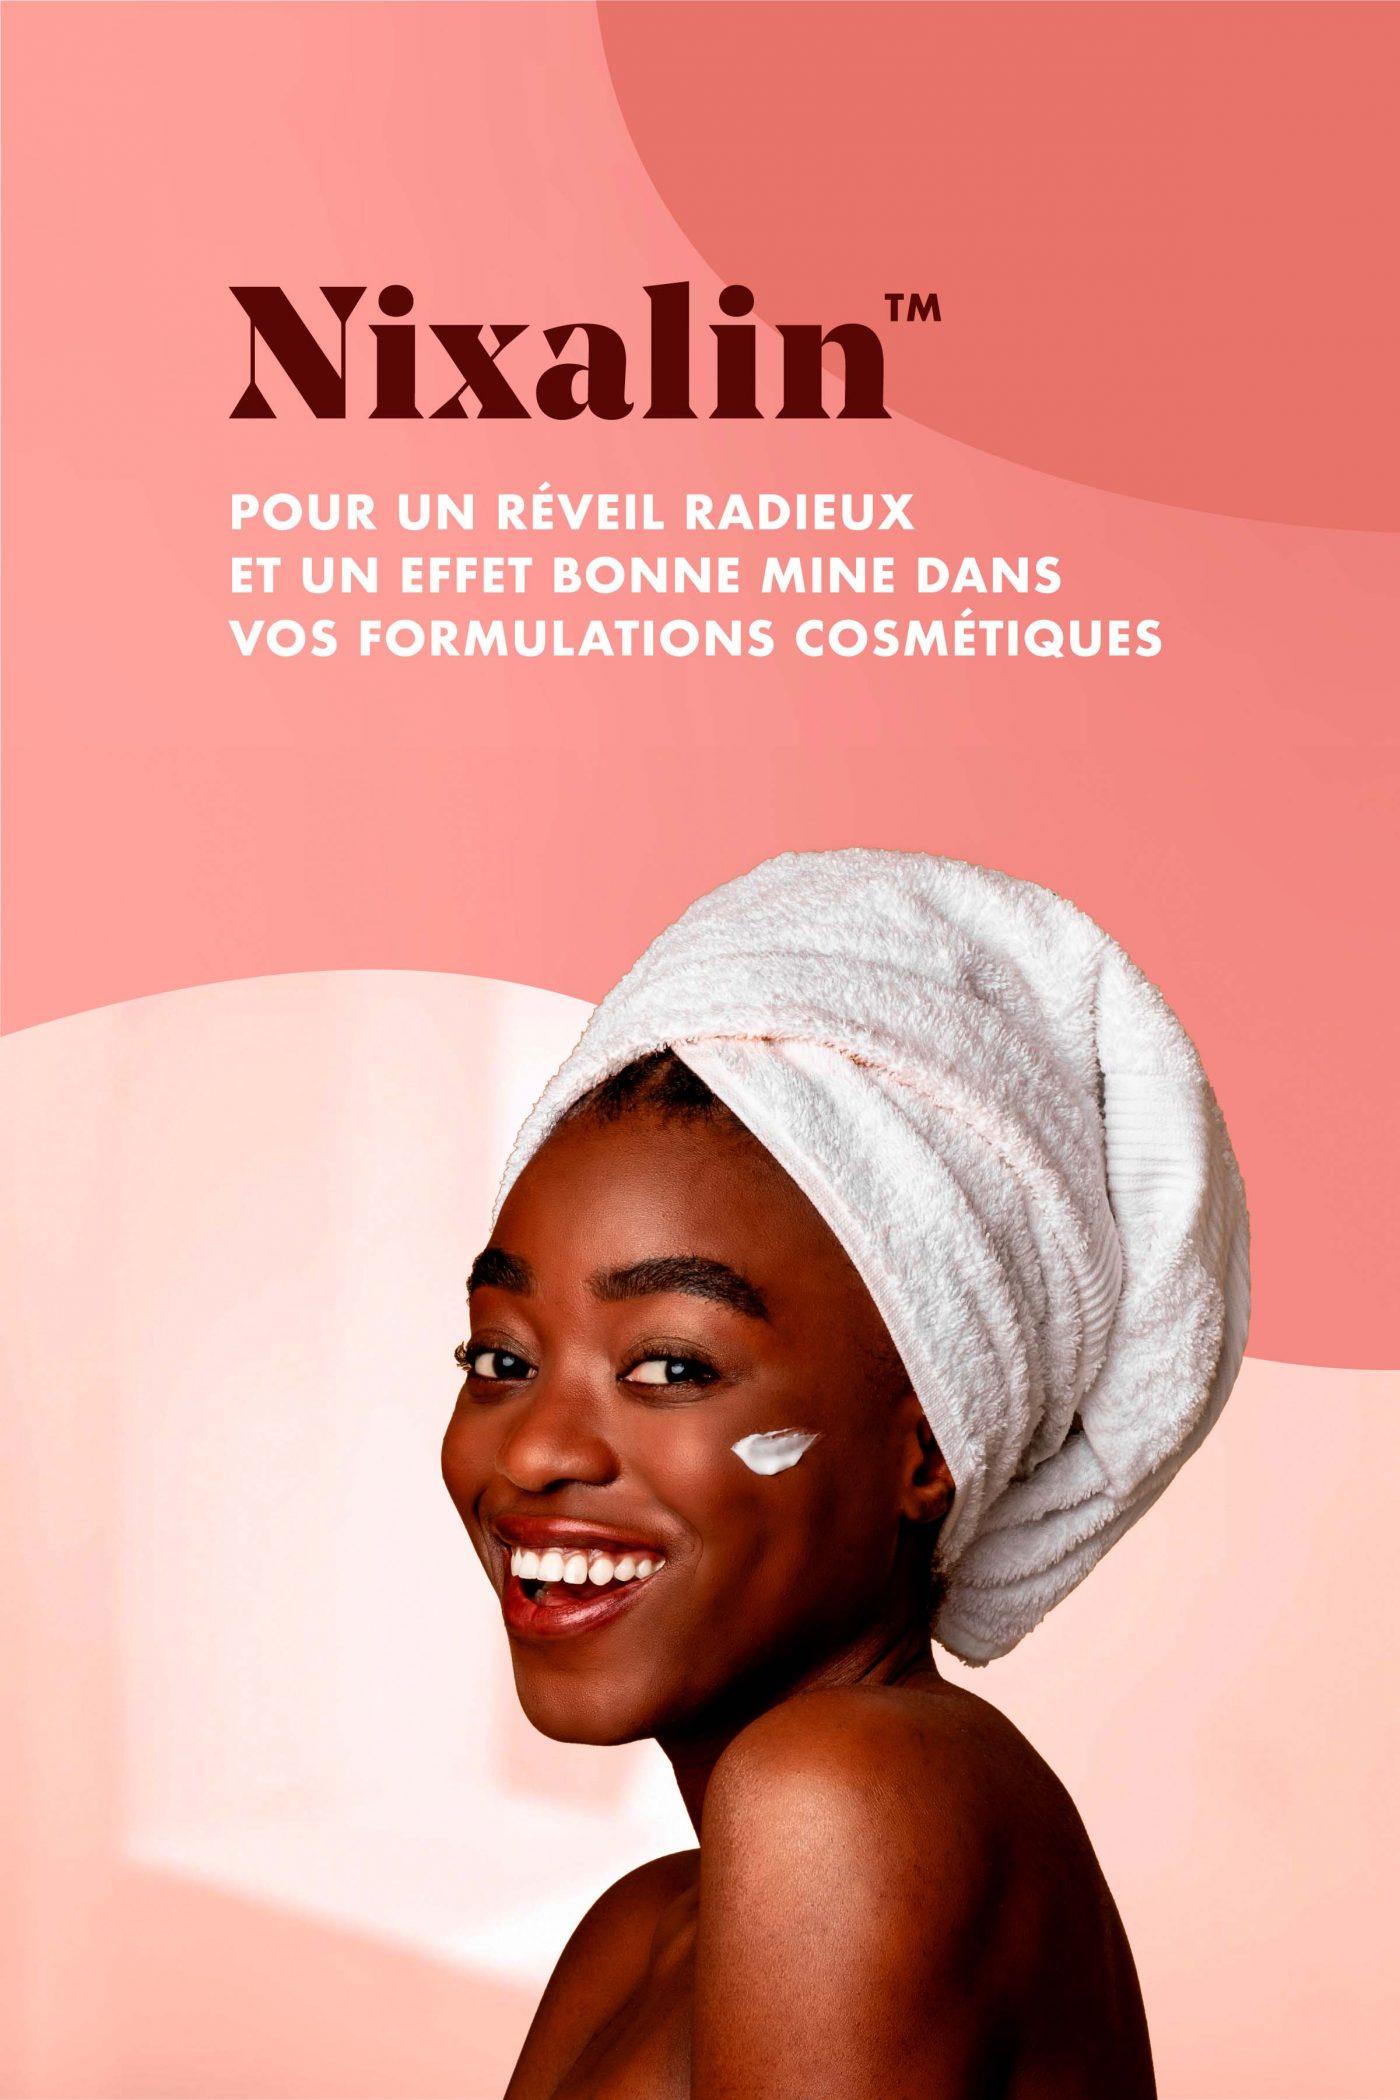 Nixalin, pour un réveil radieux